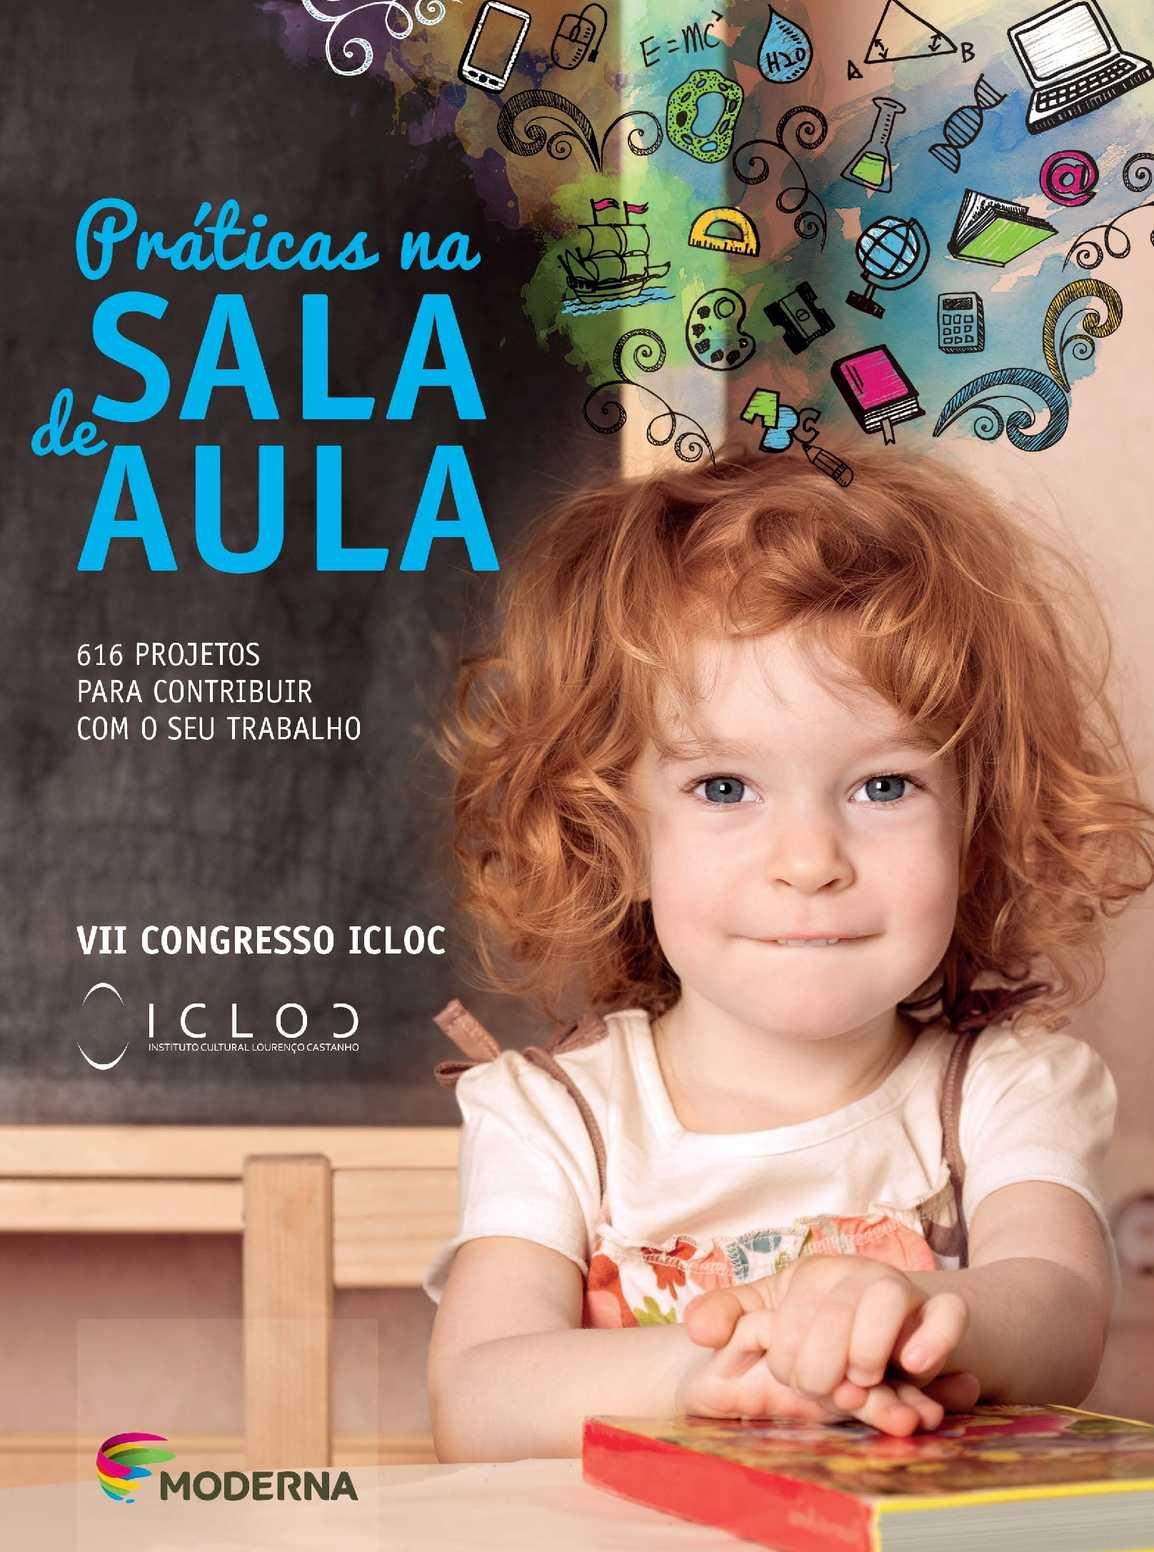 Calaméo - Livro Icloc - Práticas na Sala de Aula 04226fc25d